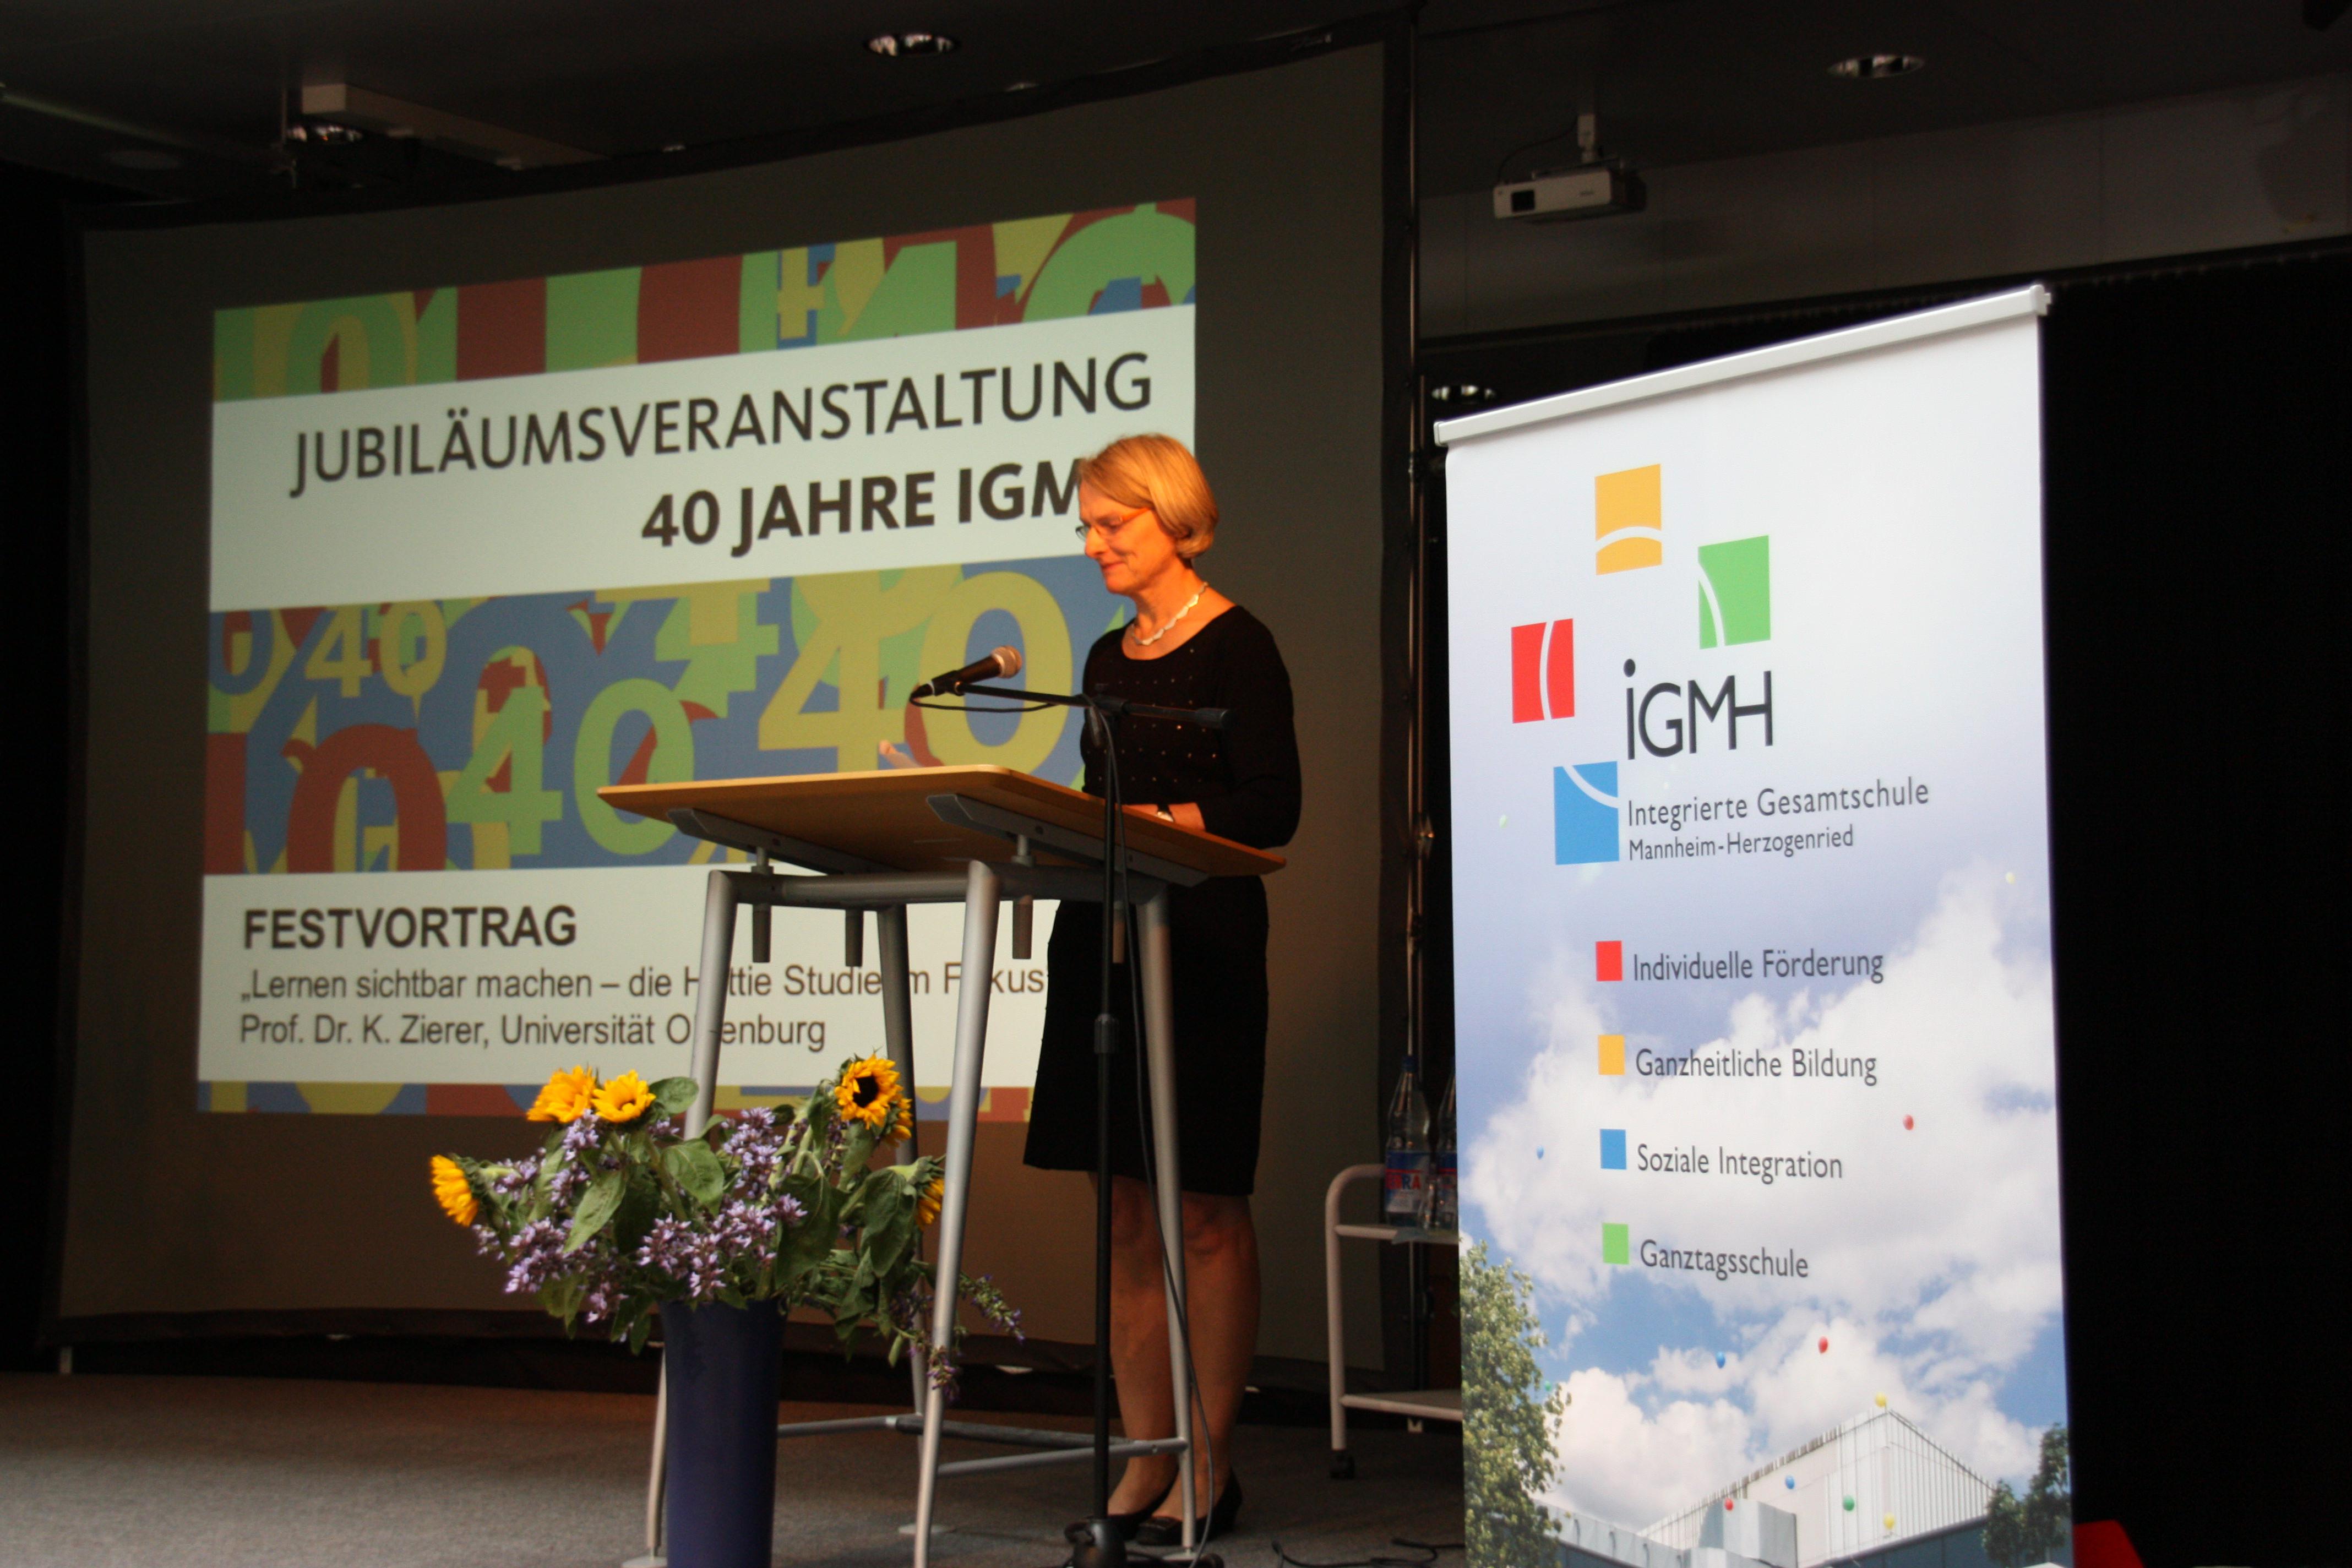 Bürgermeisterin Dr. Freundlieb bei der IGMH-Jubiläumsveranstaltung | Foto: Stadt Mannheim